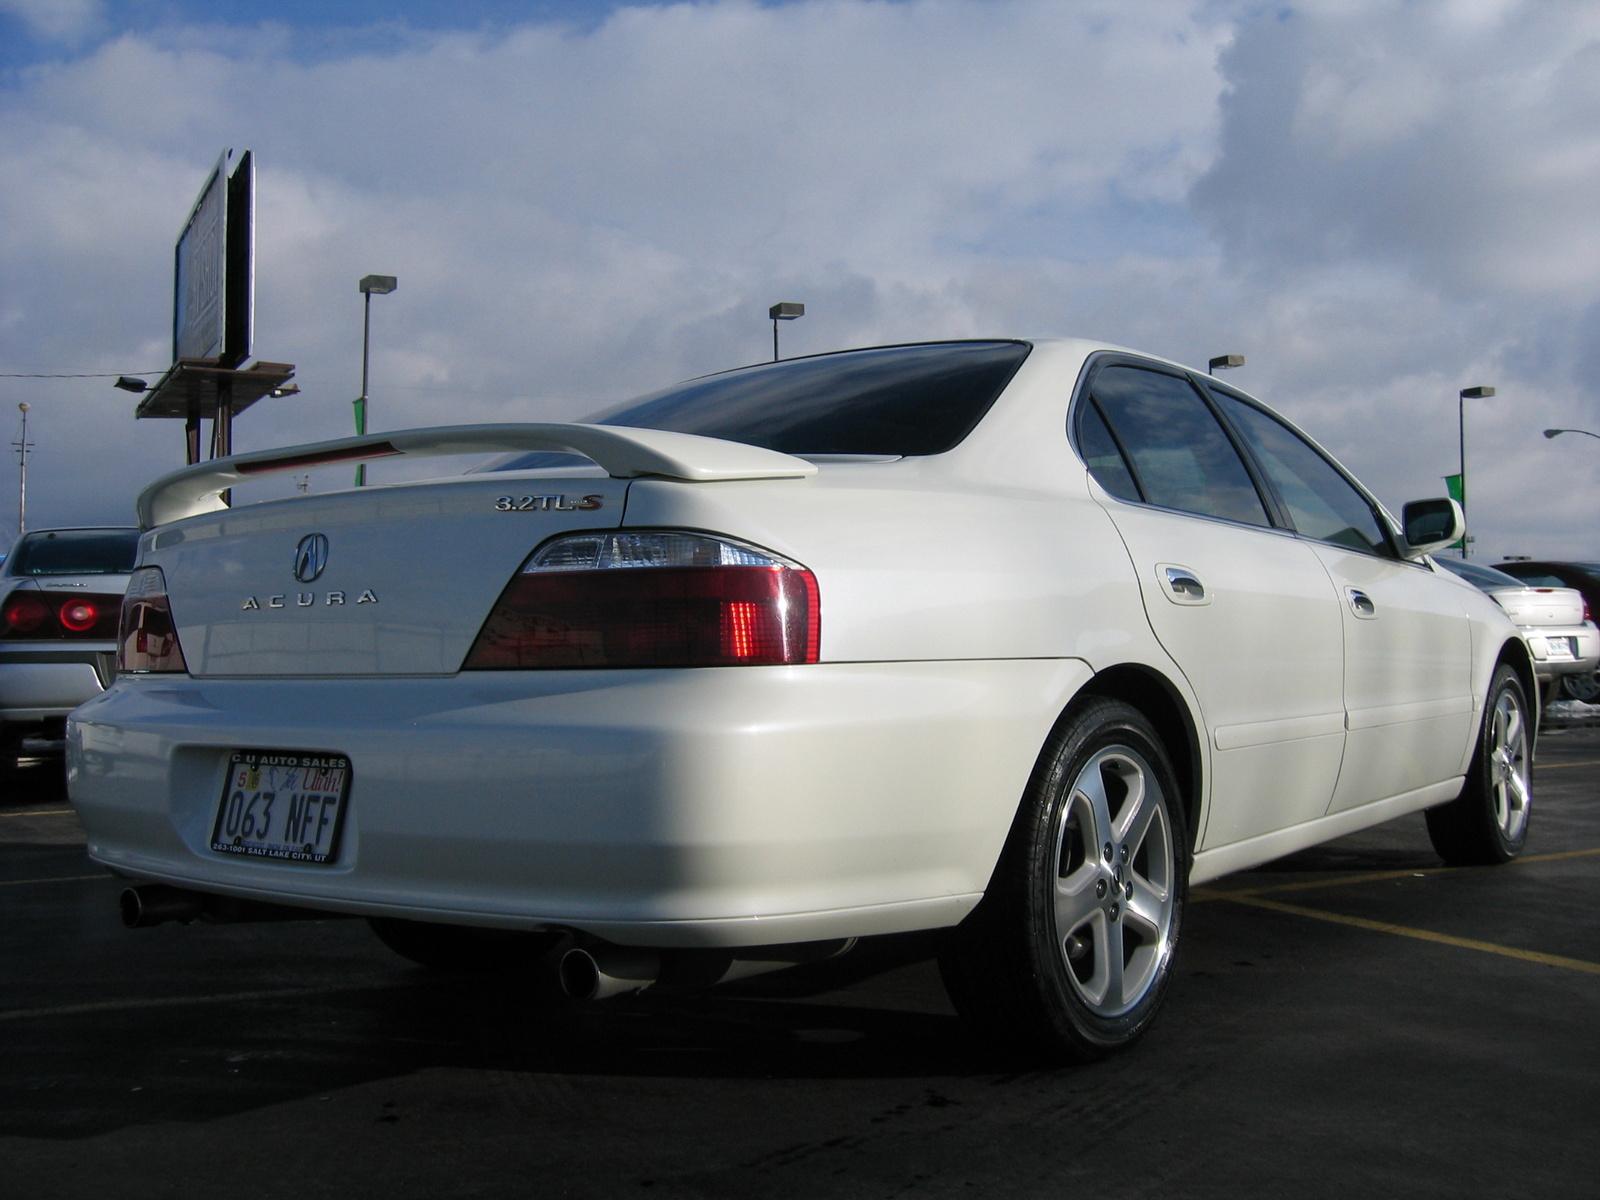 Acura Tl S Pic